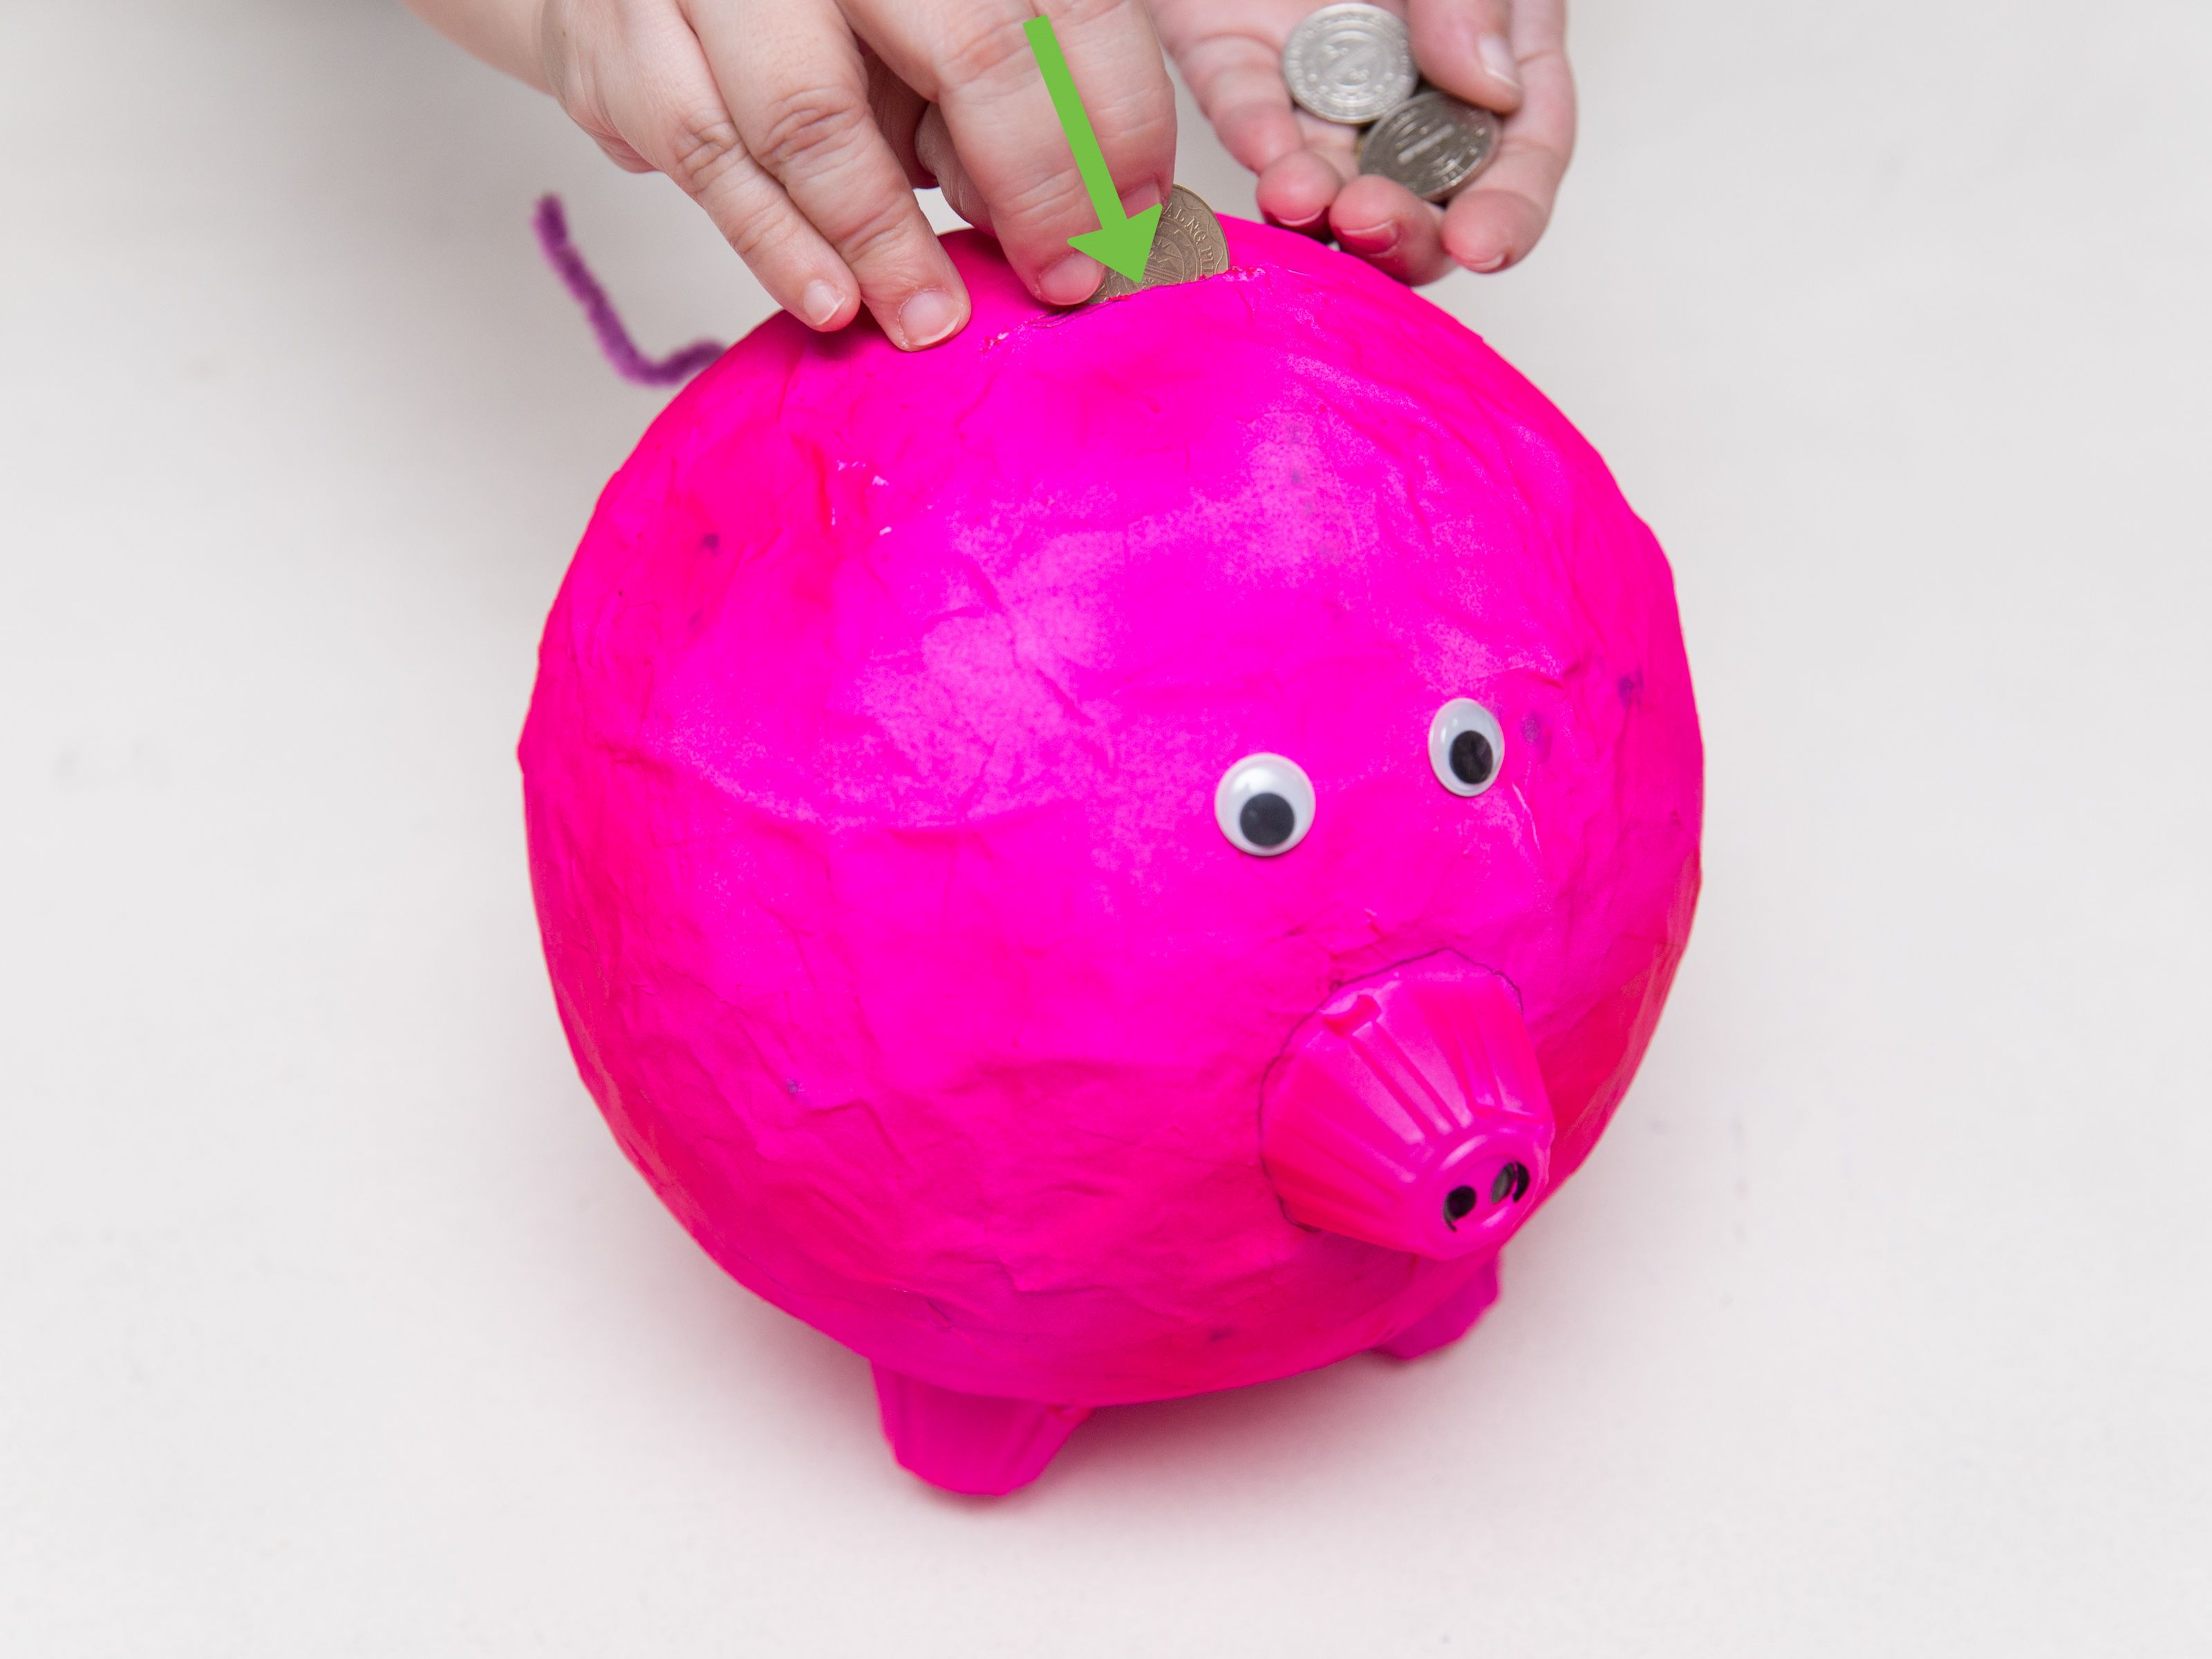 How to Make a Piggy Bank Make